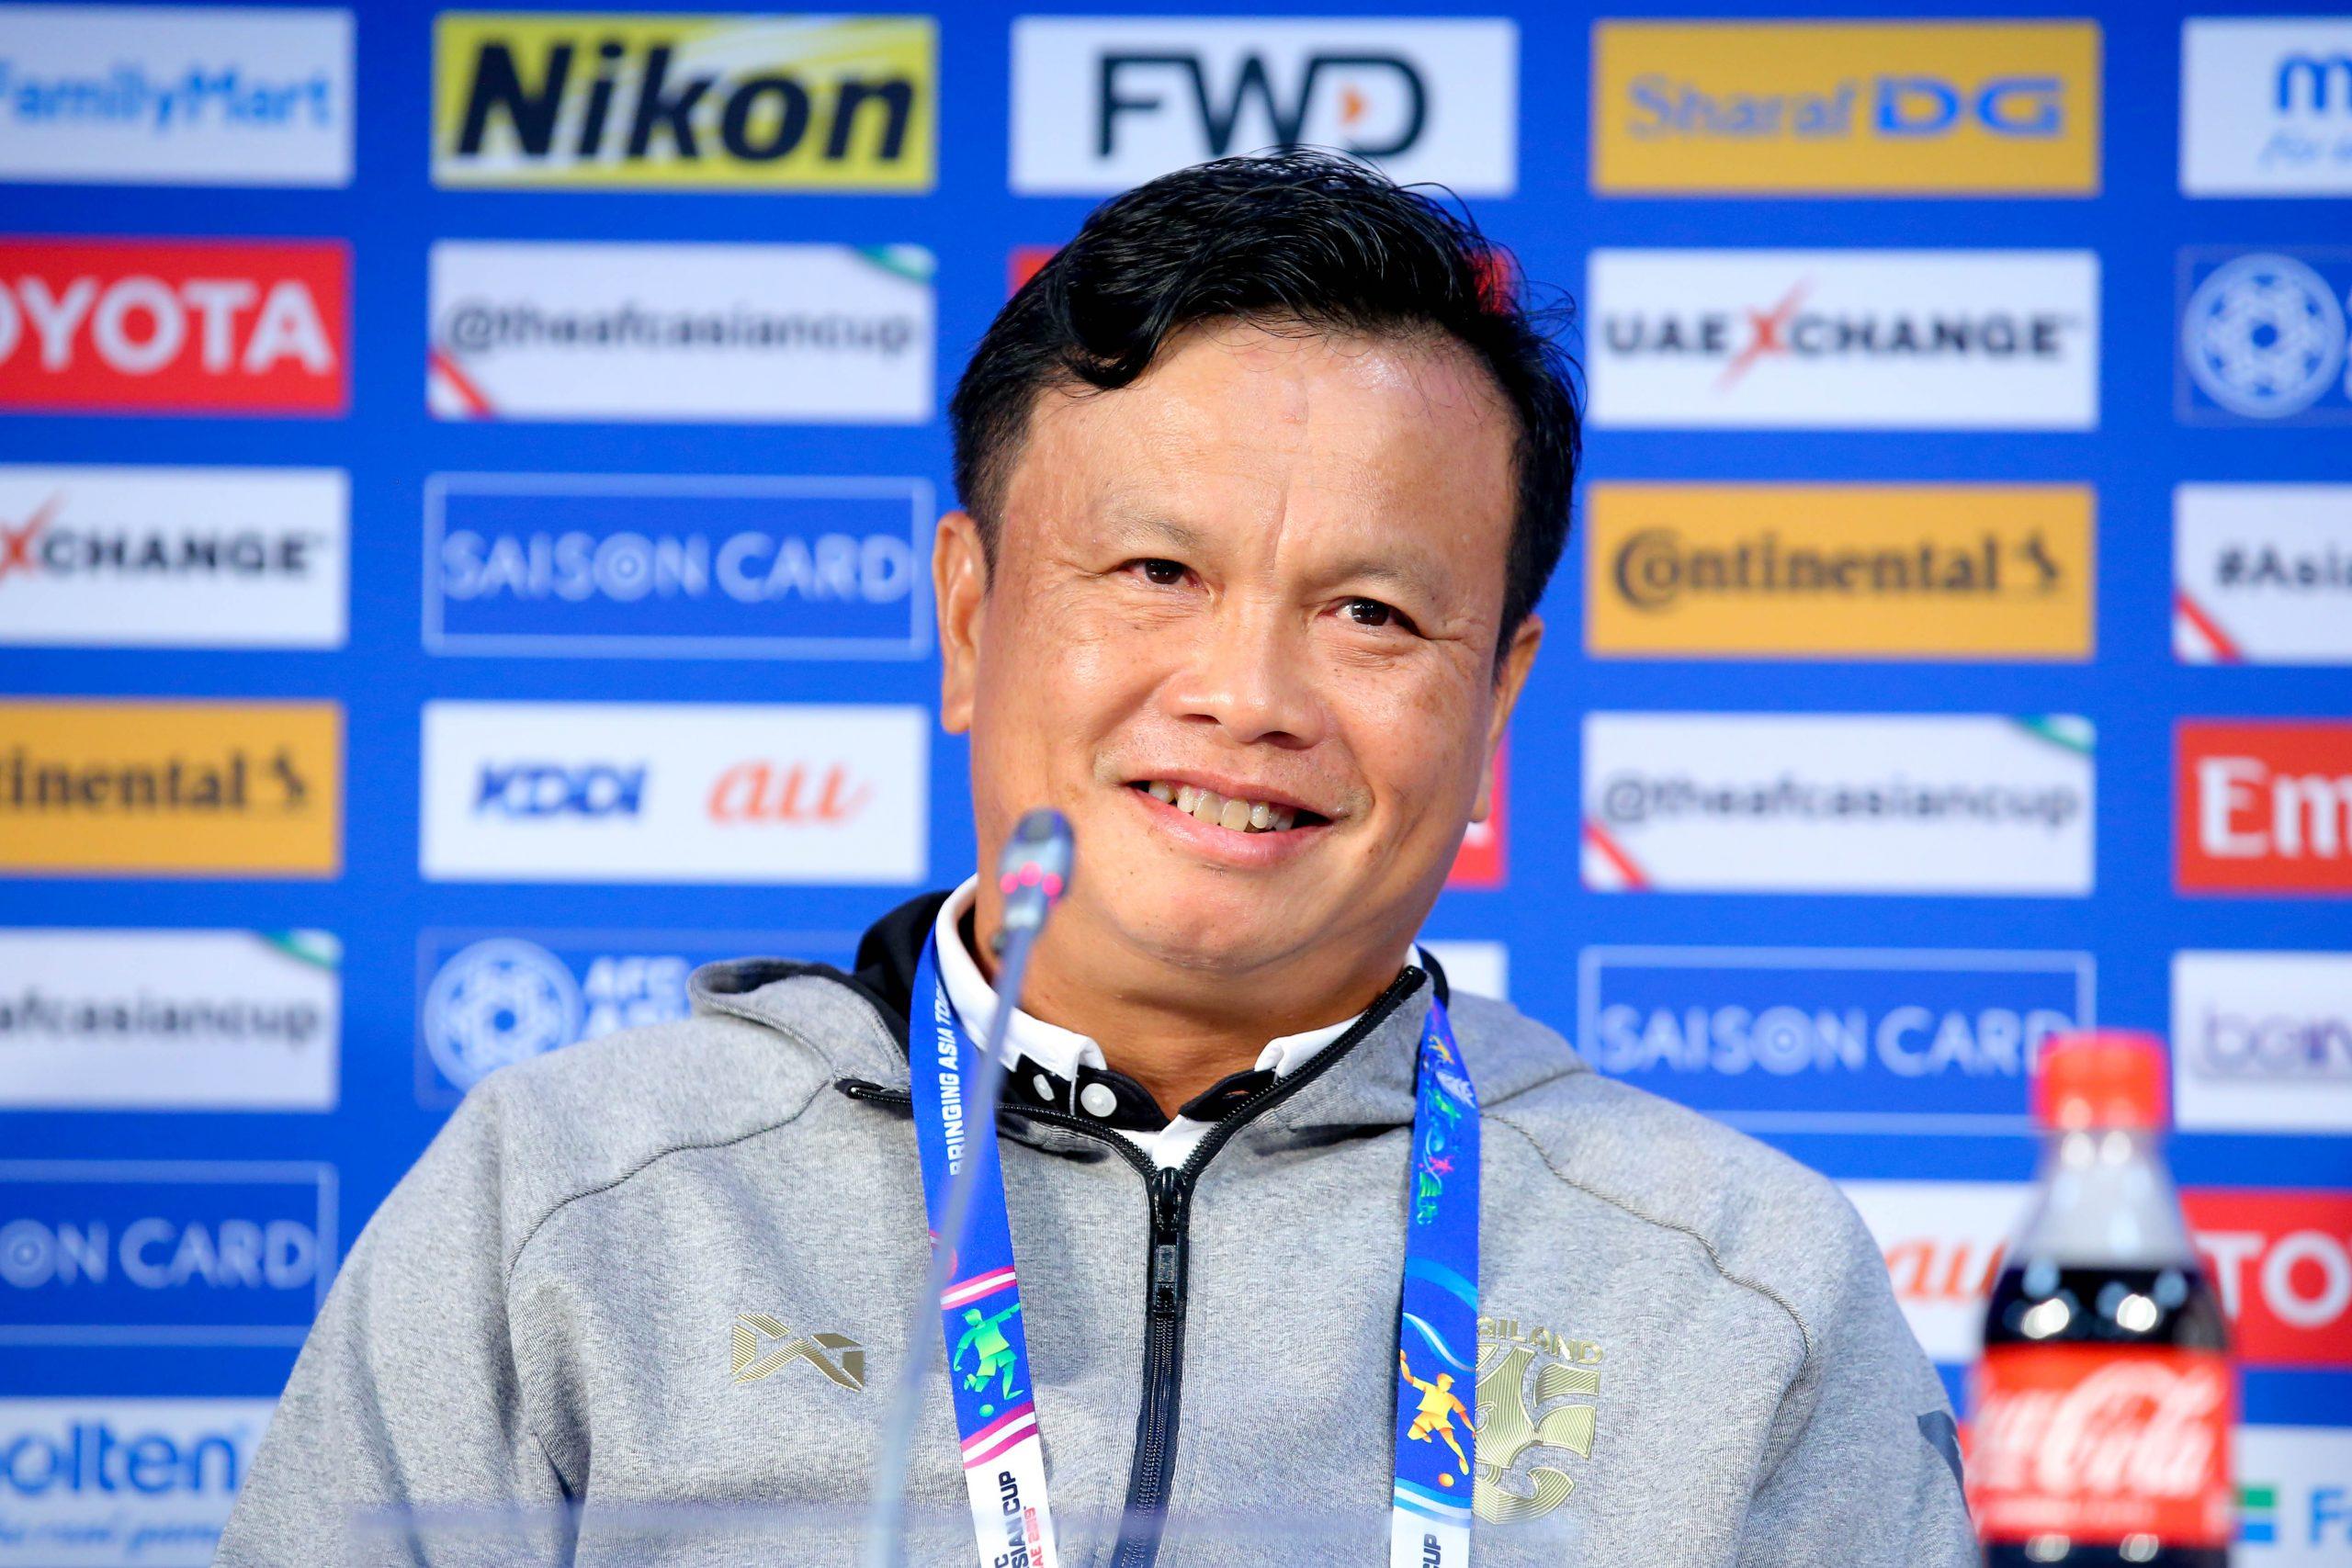 ทีมชาติบาห์เรน ทีมชาติไทย ศิริศักดิ์ ยอดญาติไทย ศุภชัย ใจเด็ด เอเชียนคัพ 2019